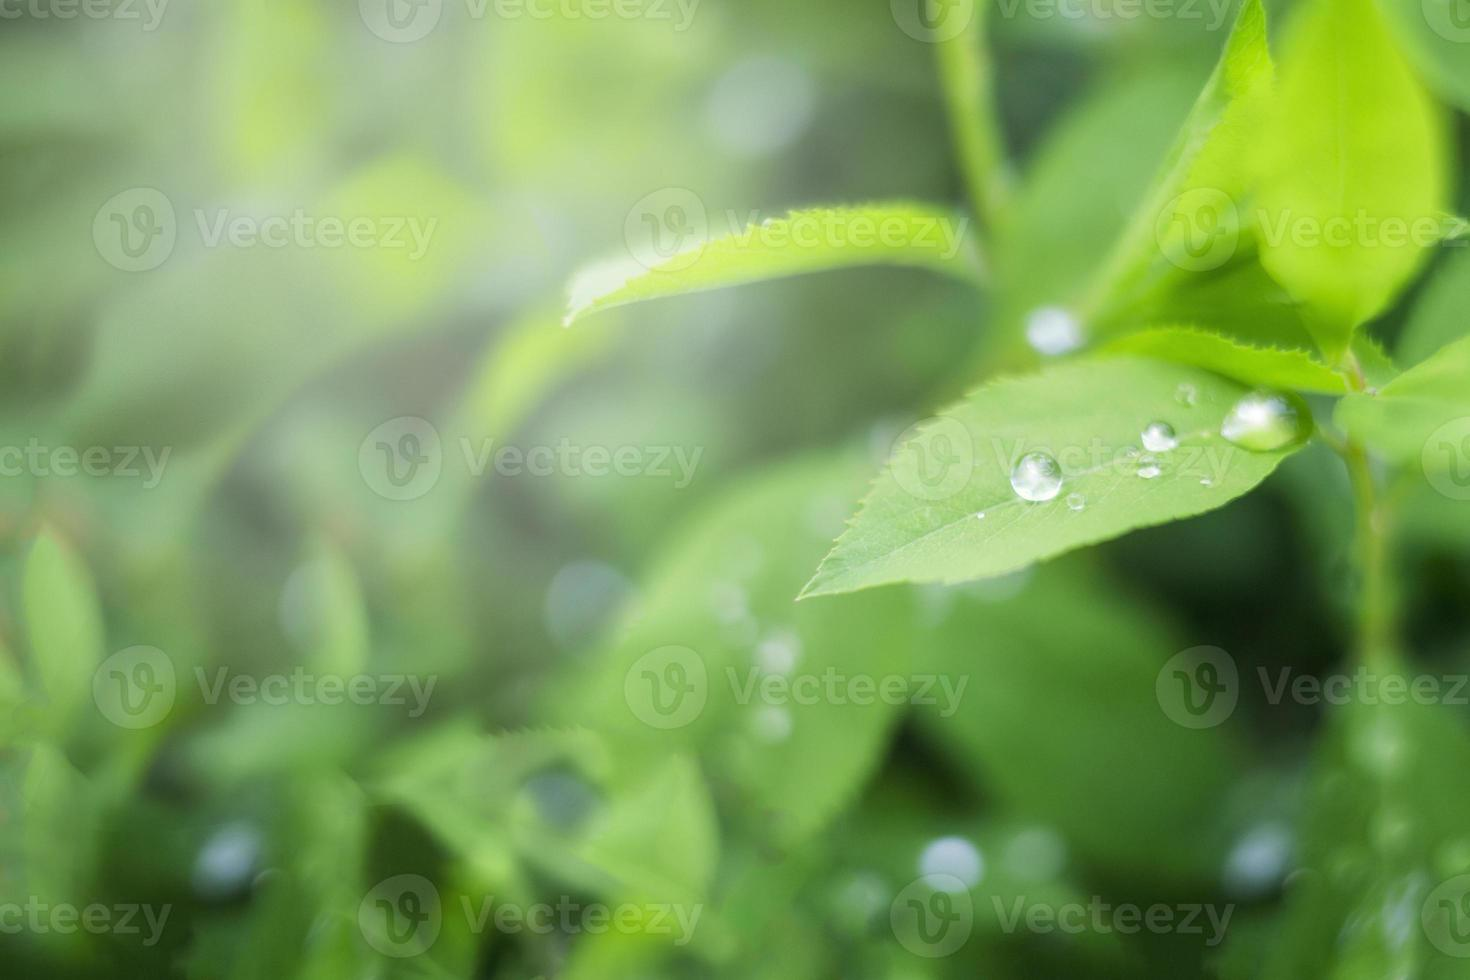 Rain droplets photo